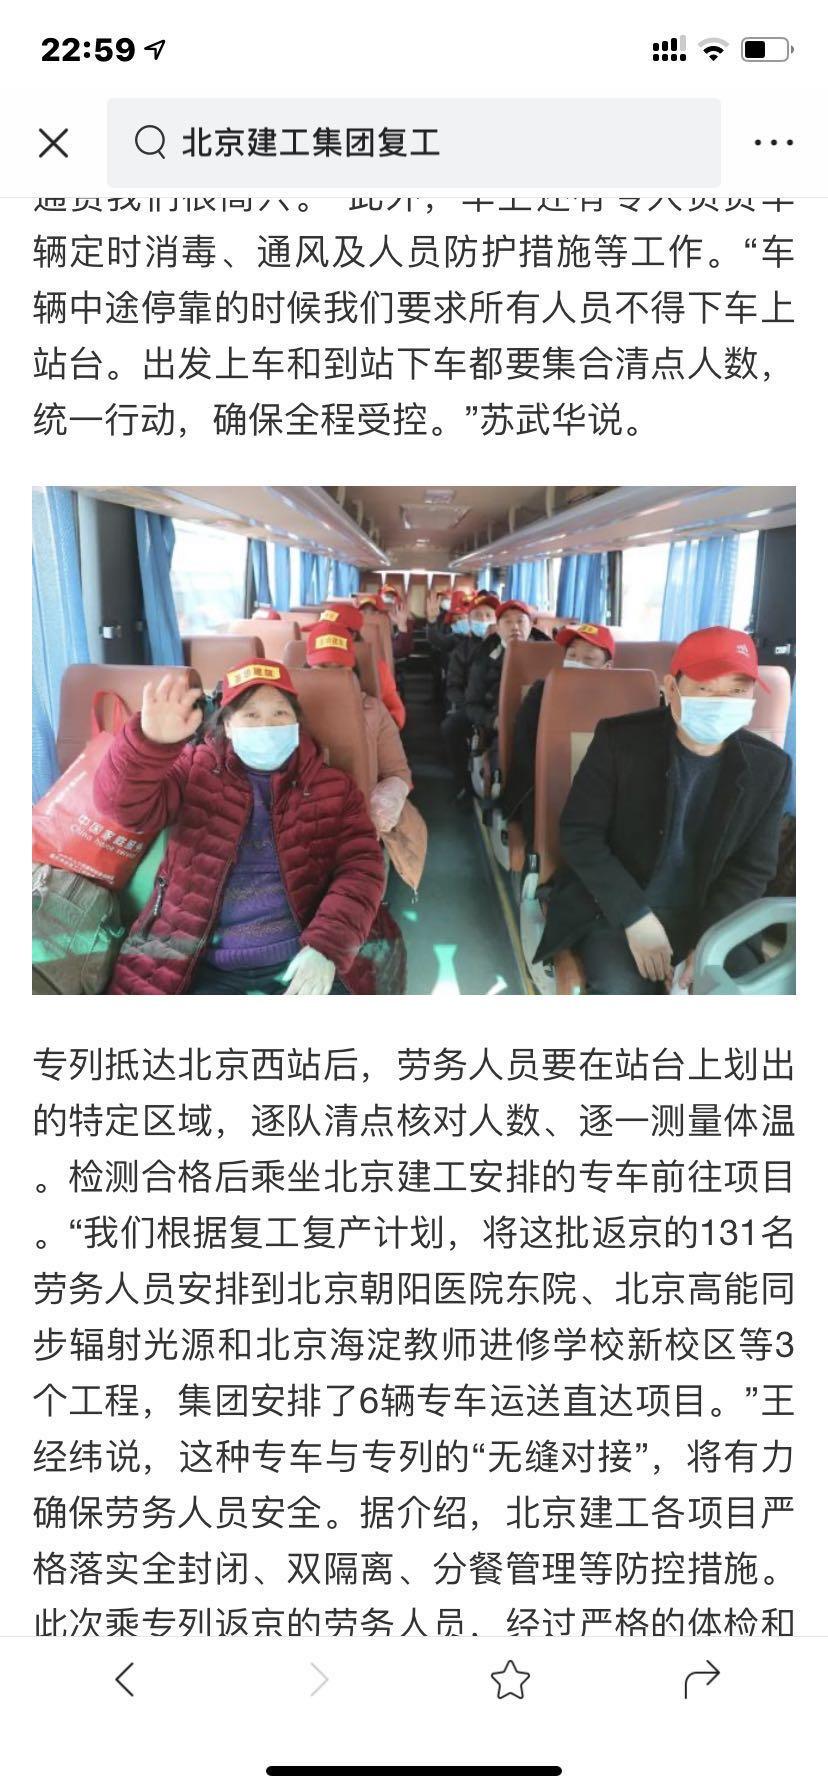 战胜疫情,北京大巴车租赁公司同样义不容辞!